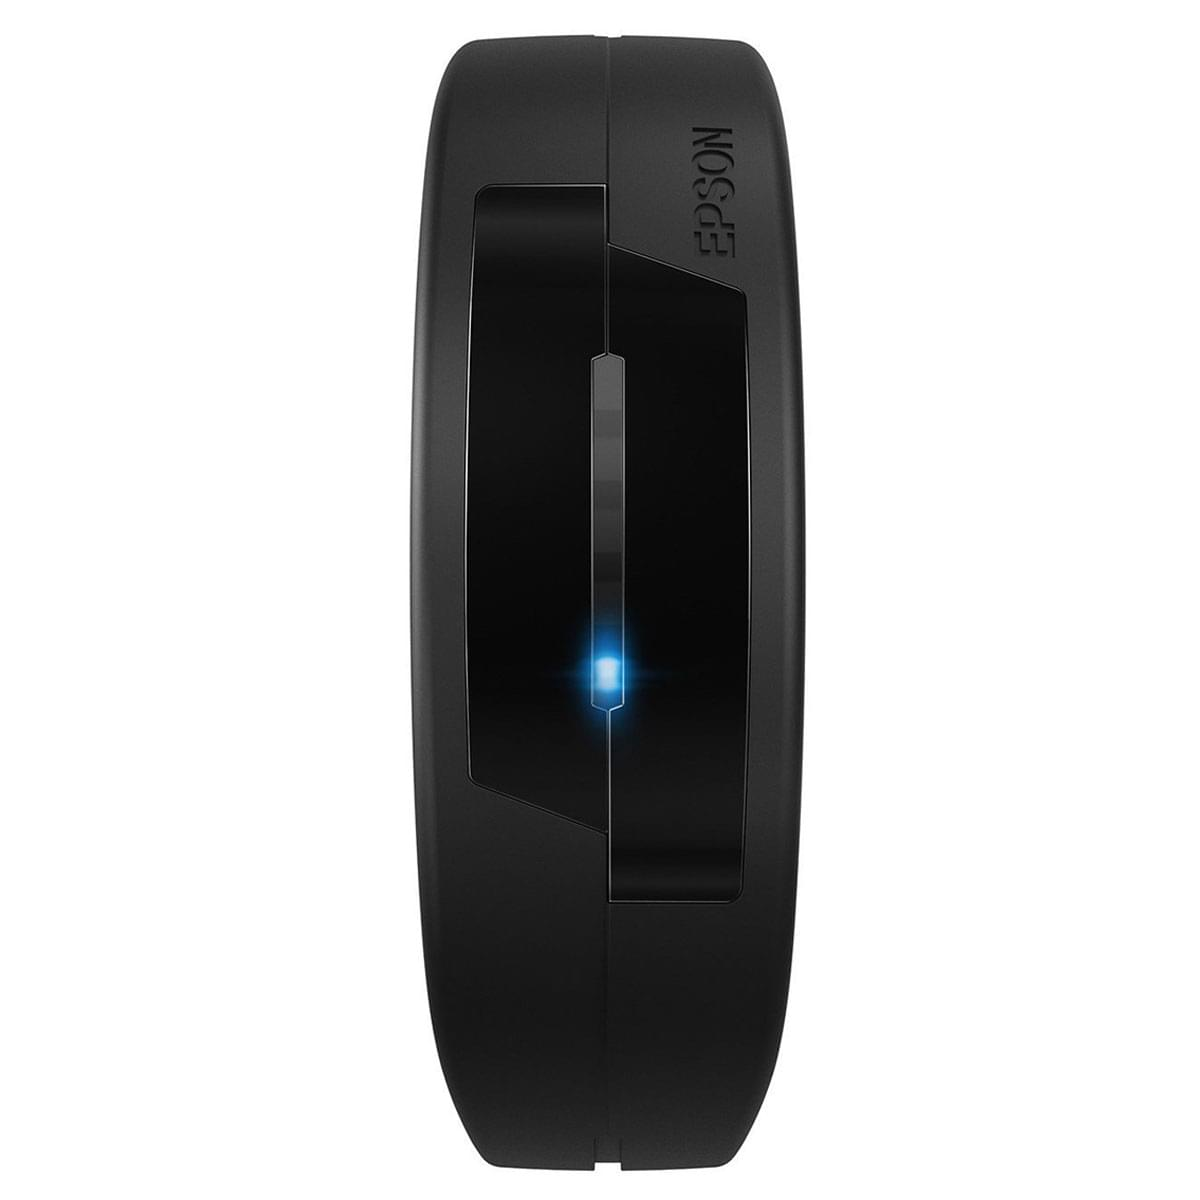 Epson Pulsense PS-100B Black M/L (Bracelet connecté) (E11E207A13) - Achat / Vente Objets Connectés / Domotique sur Cybertek.fr - 0